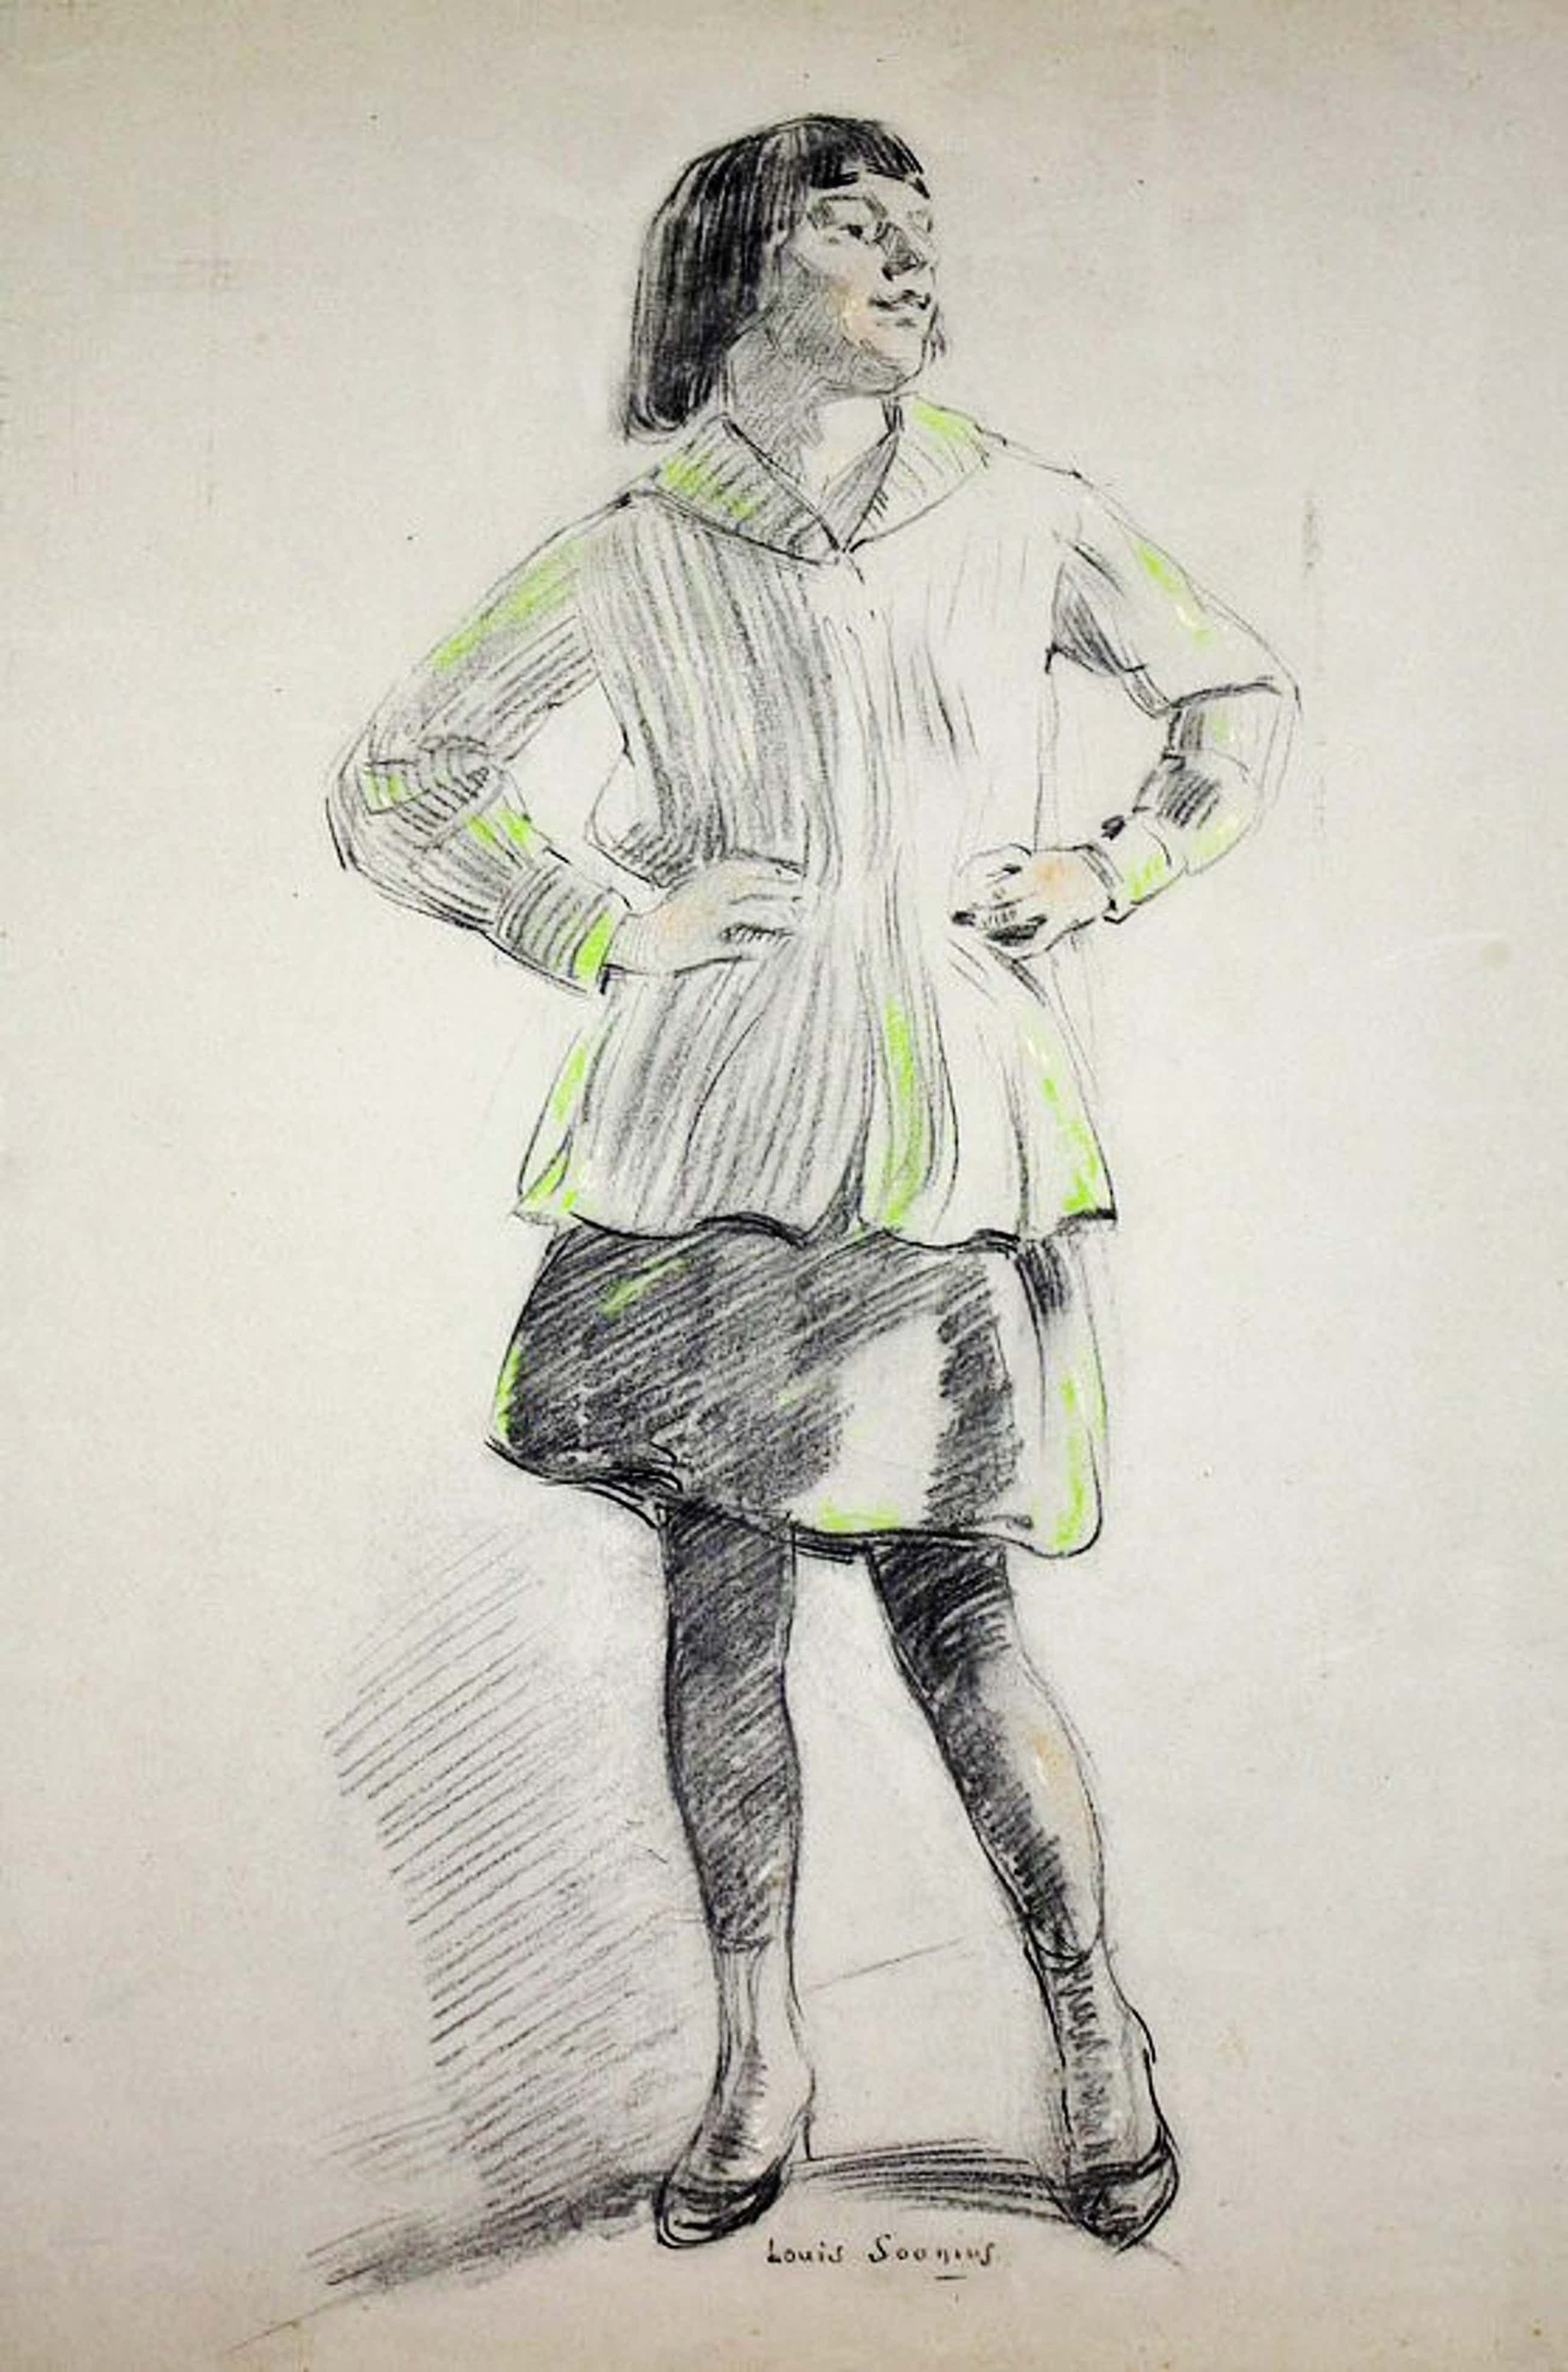 Louis Soonius - Portret van een staand meisje kopen? Bied vanaf 160!